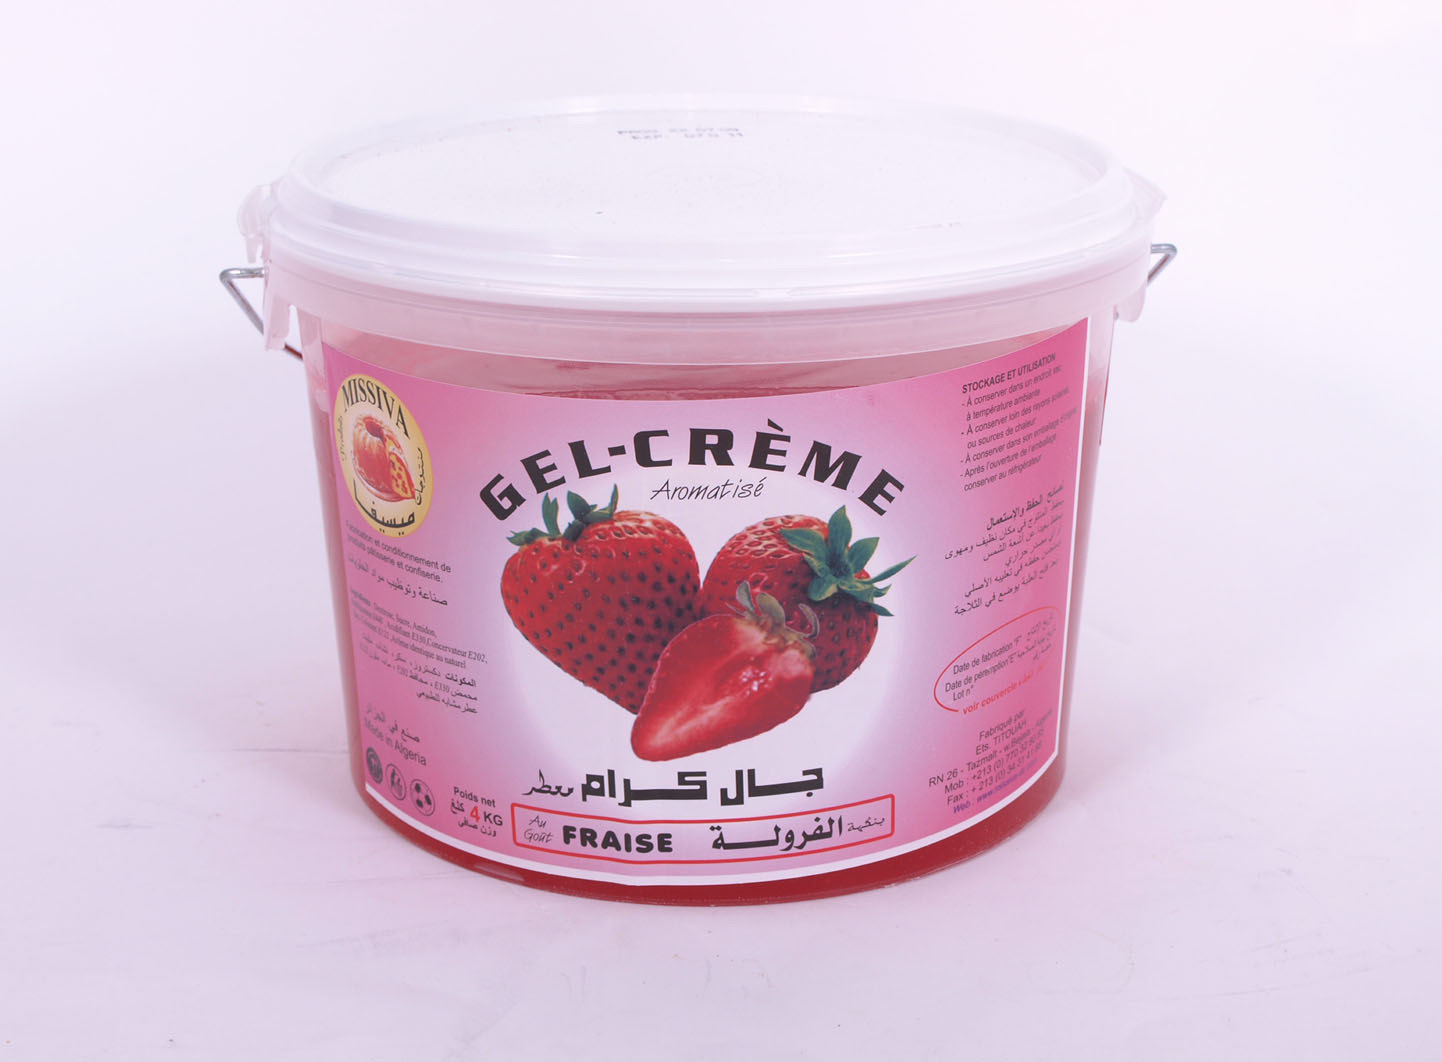 Gelcrème (supercréme) pour nappage et fourrage de vos gateaux et entremets